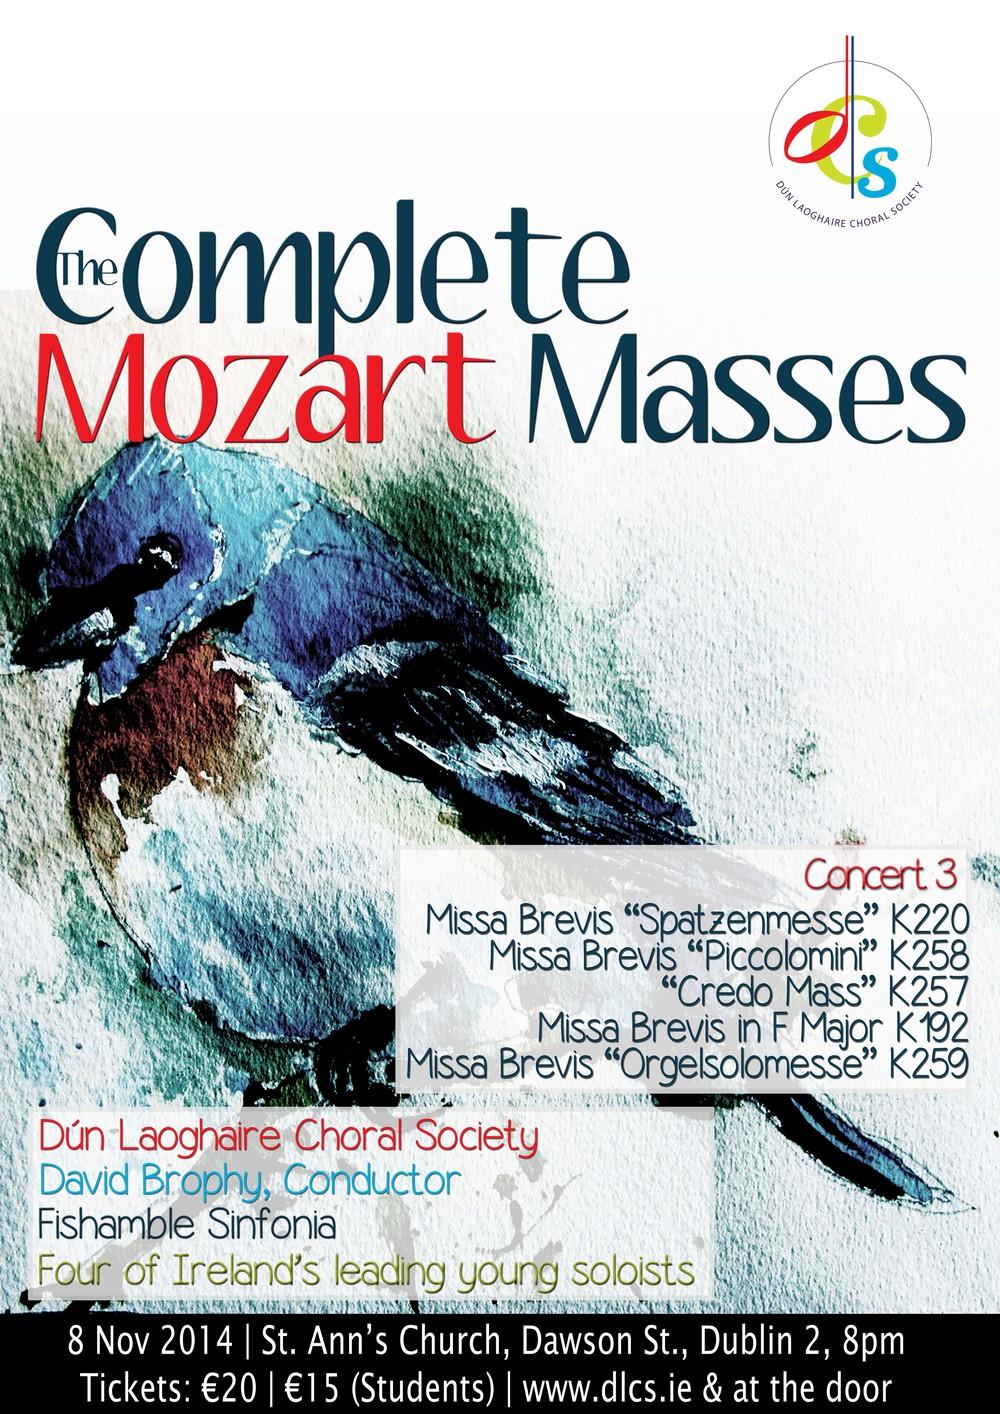 Mozart Masses Concert 3